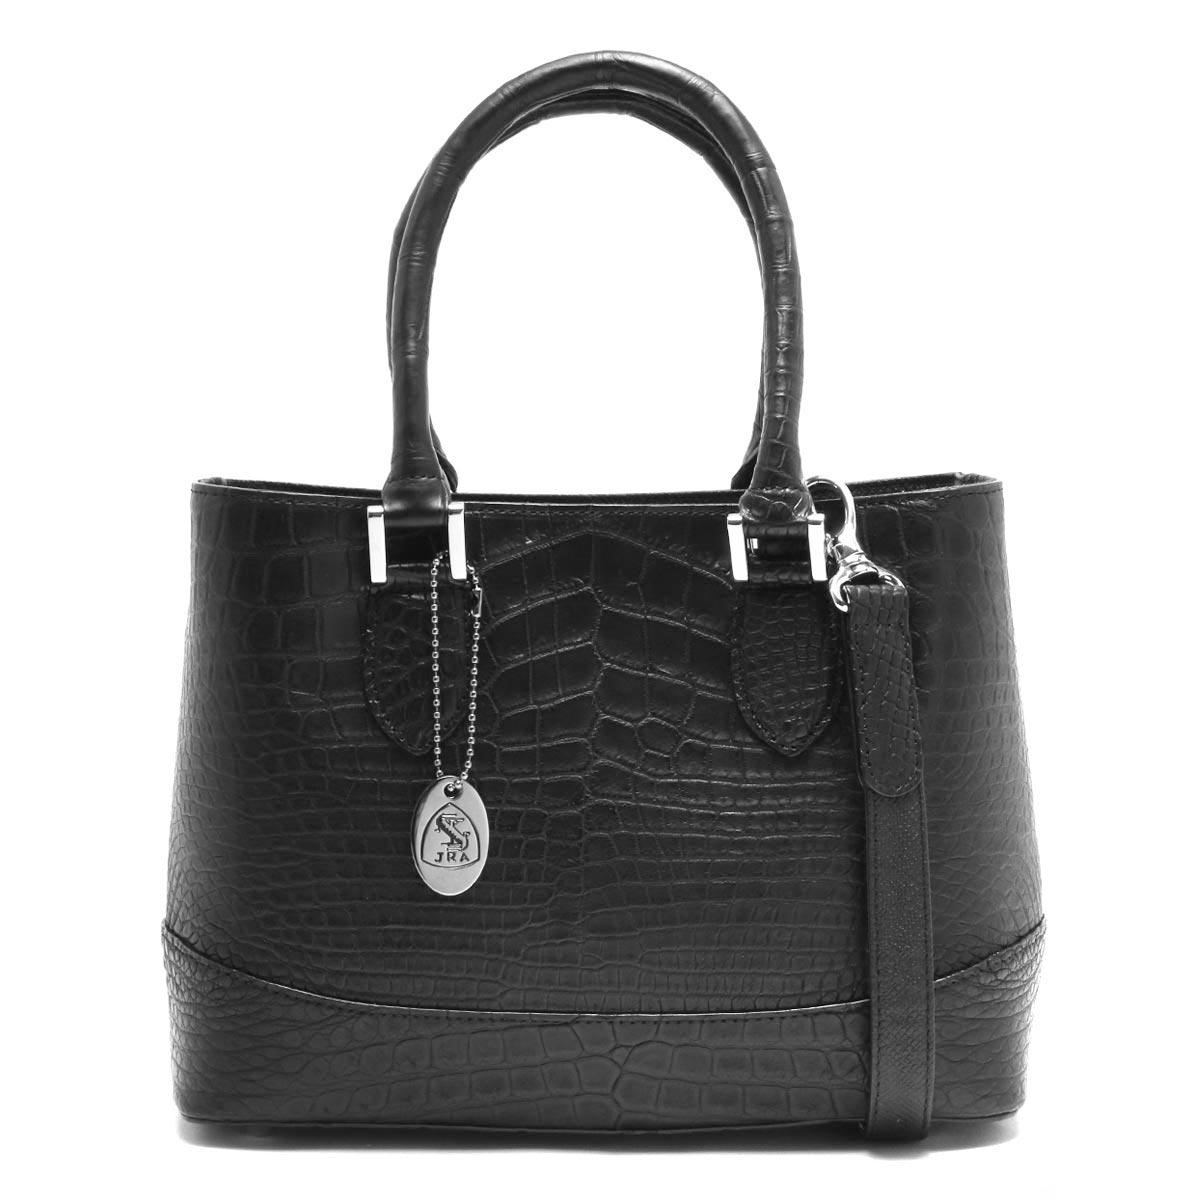 本革 ハンドバッグ/ショルダーバッグ バッグ レディース クロコ ブラック CRB312 BLK Leather